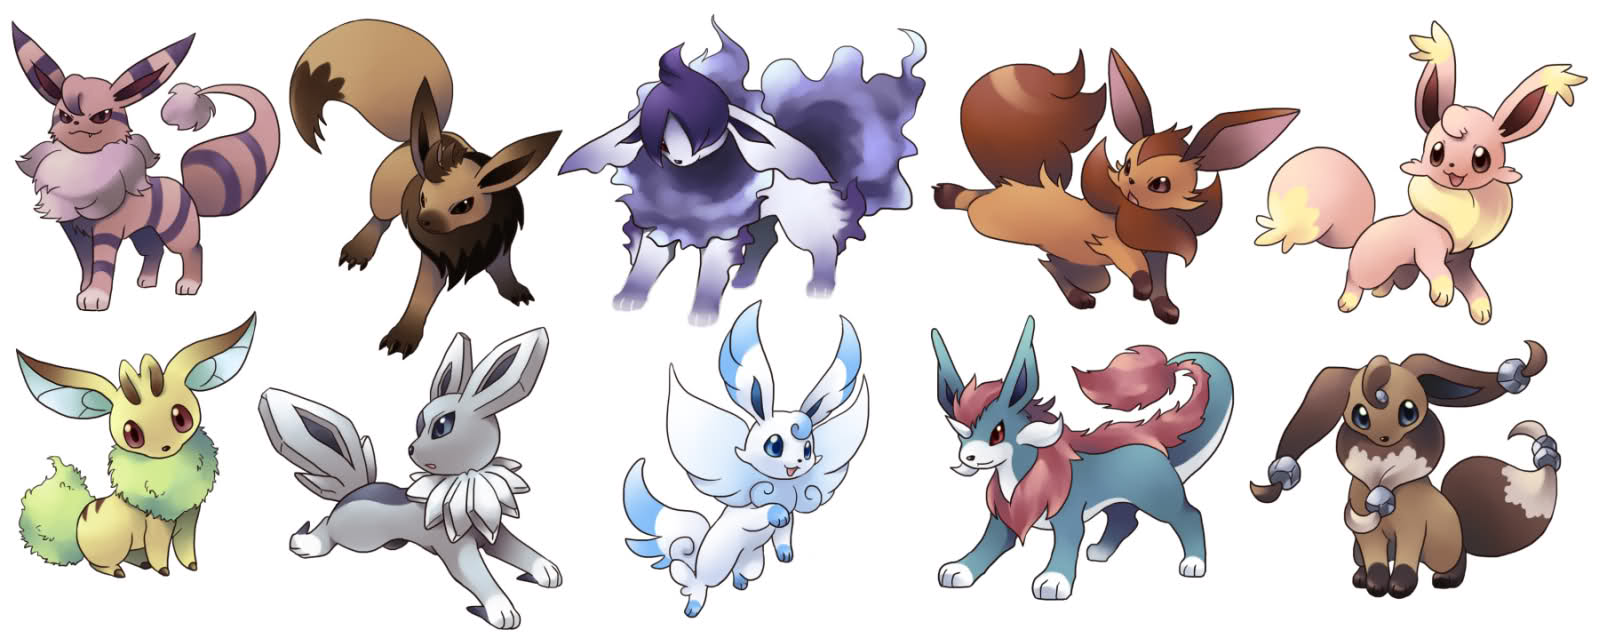 Pokemonfiguren schwarze wei e edition 1 2 und x y anime pokemon x und y - Pokemon famille pikachu ...